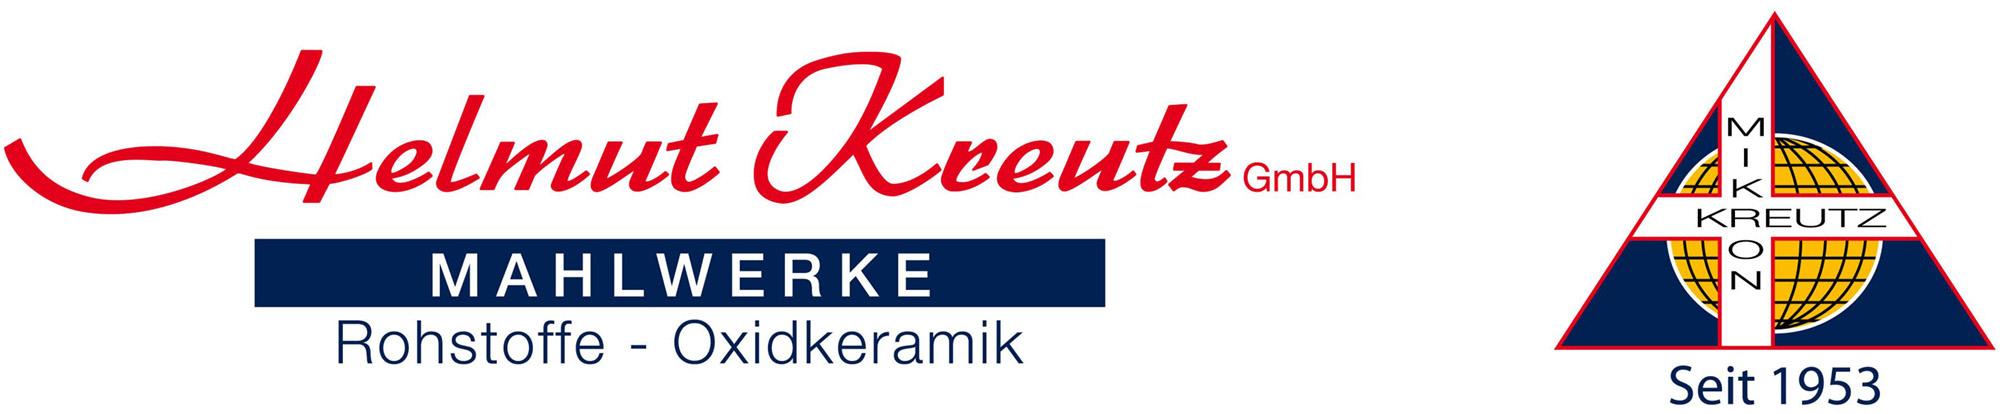 Mahlwerke Kreutz